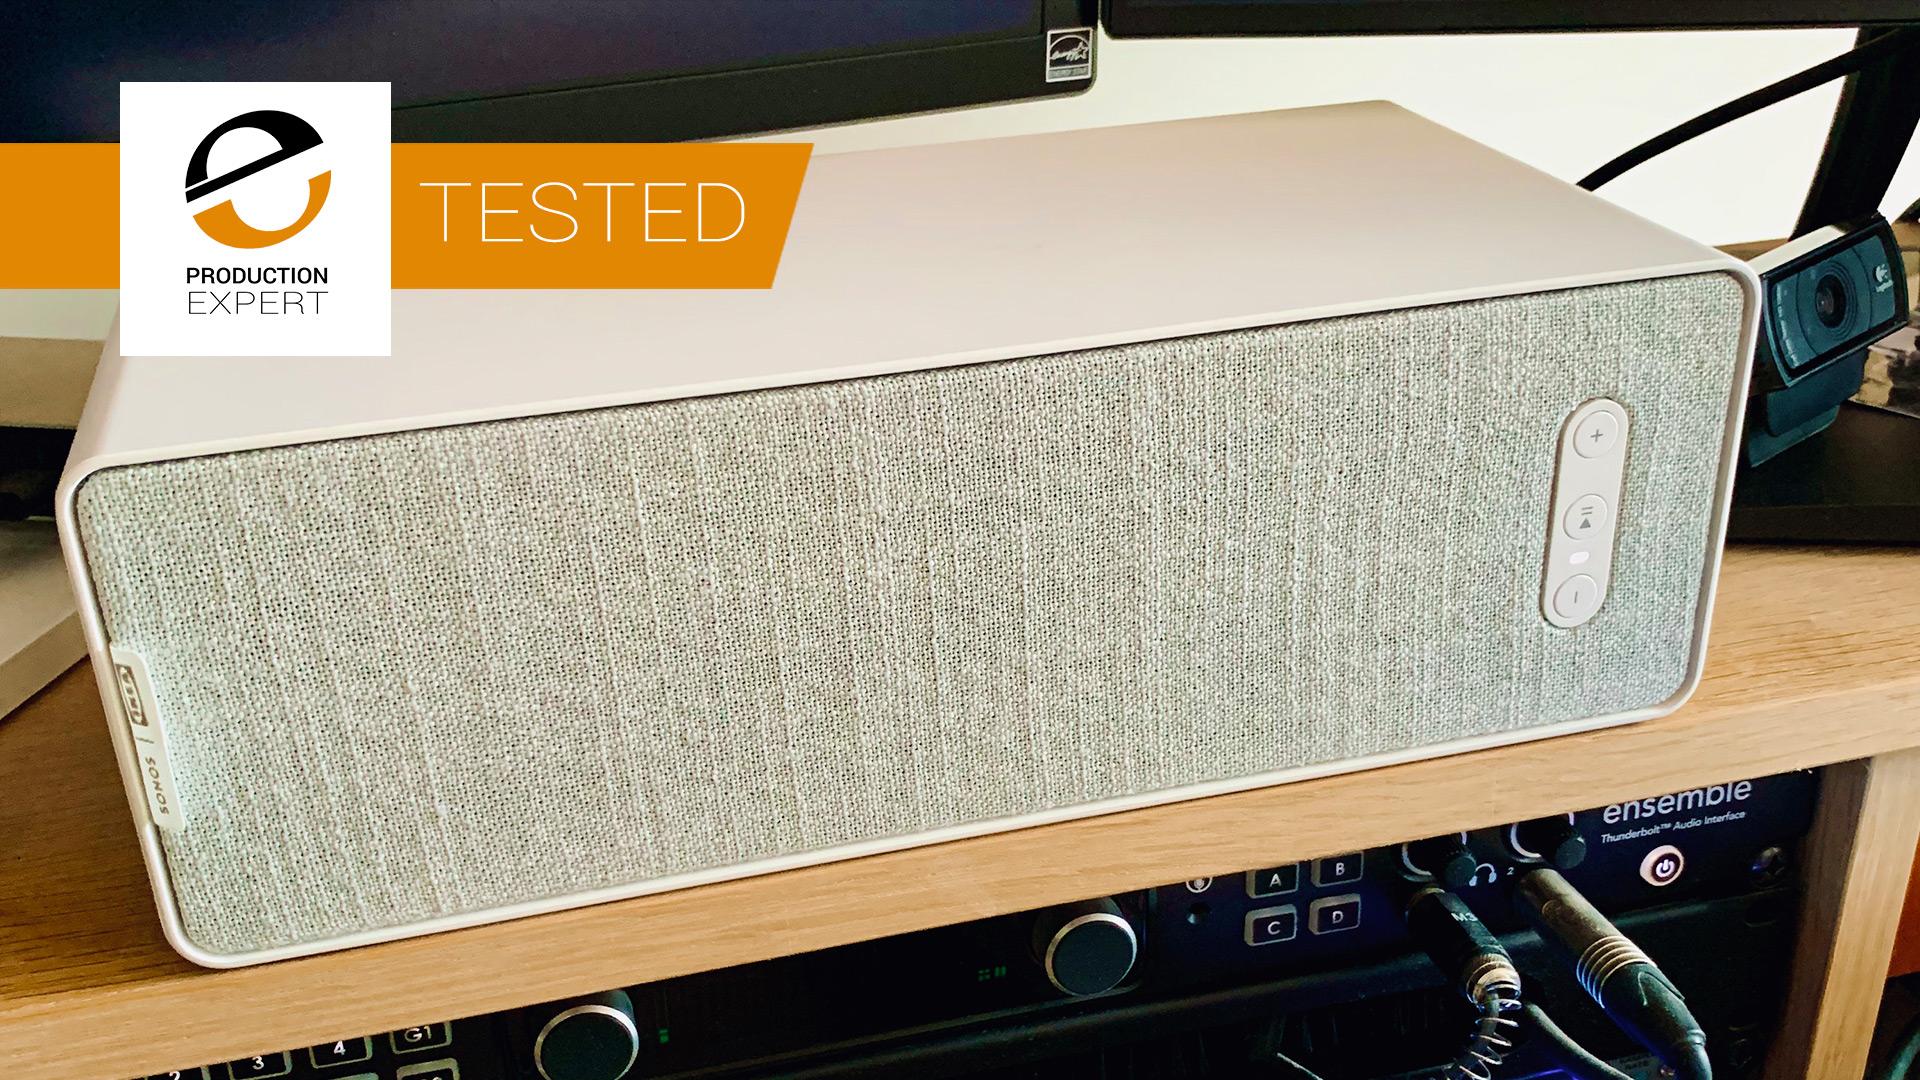 IKEA+SYMFONISK+Wireless+Speaker+Tested+For+Studio+Use.jpg